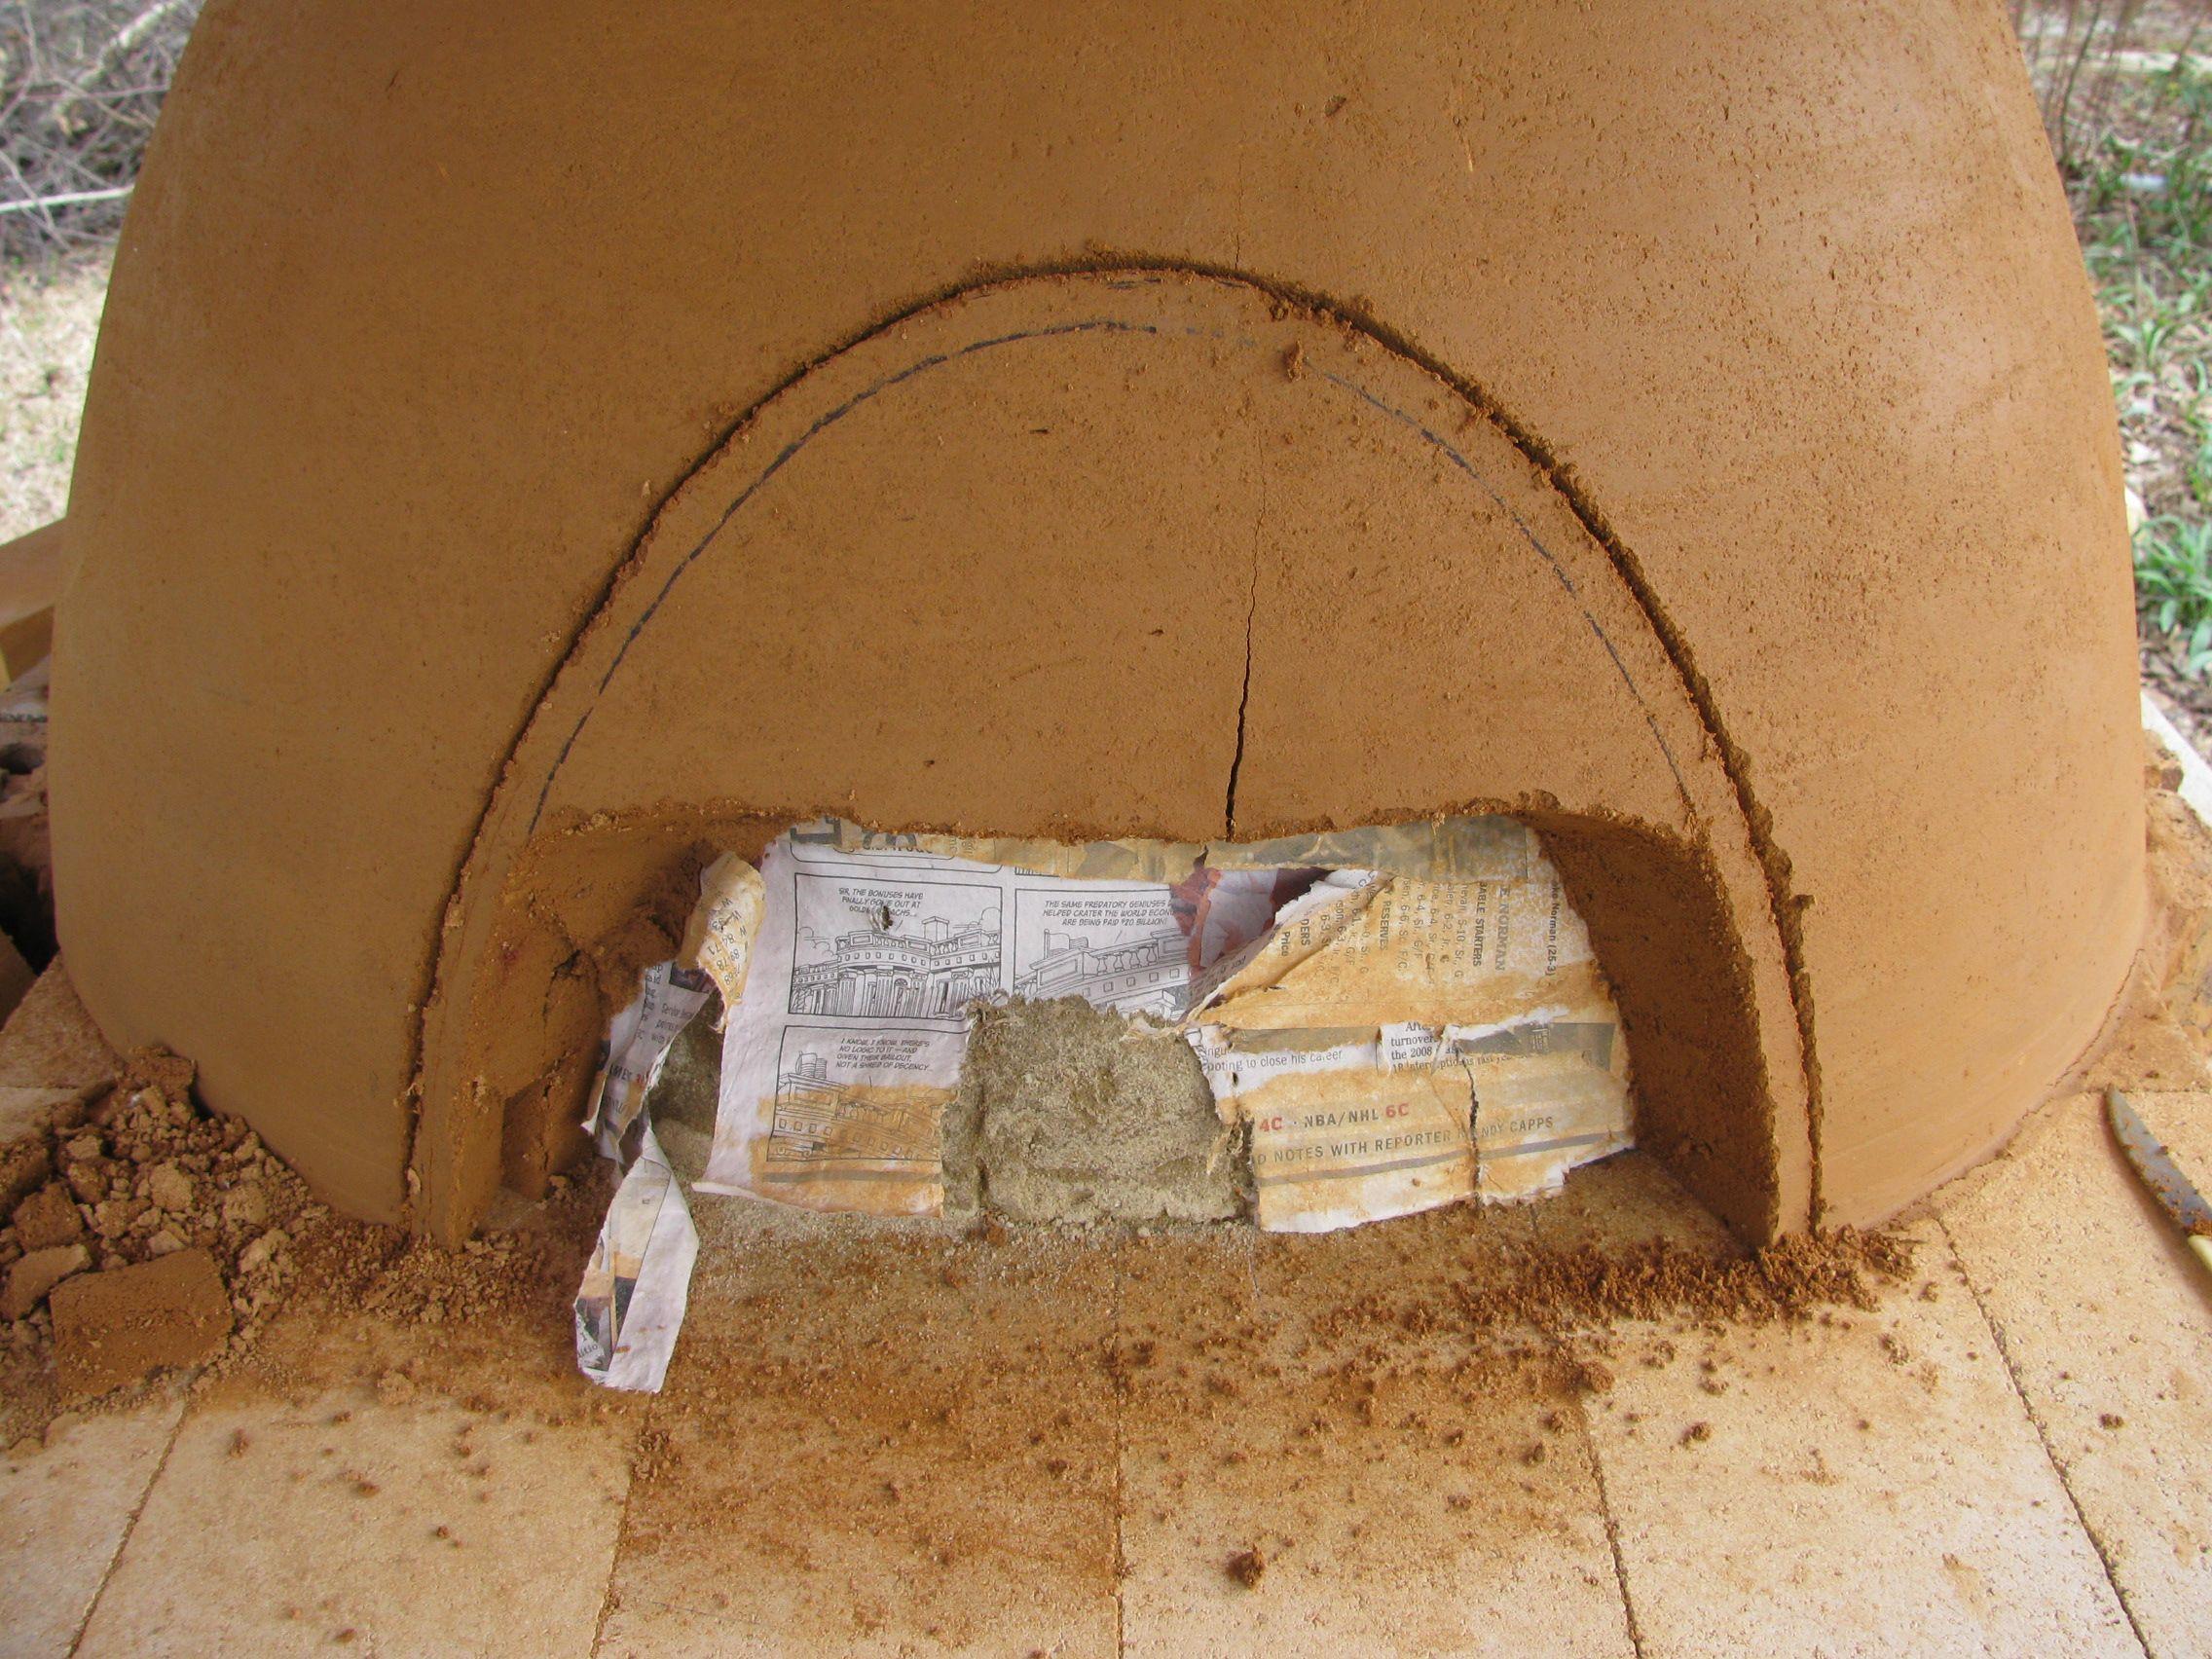 18096d1269639907 cob oven build clay pizza oven 068 jpg 2272 1704